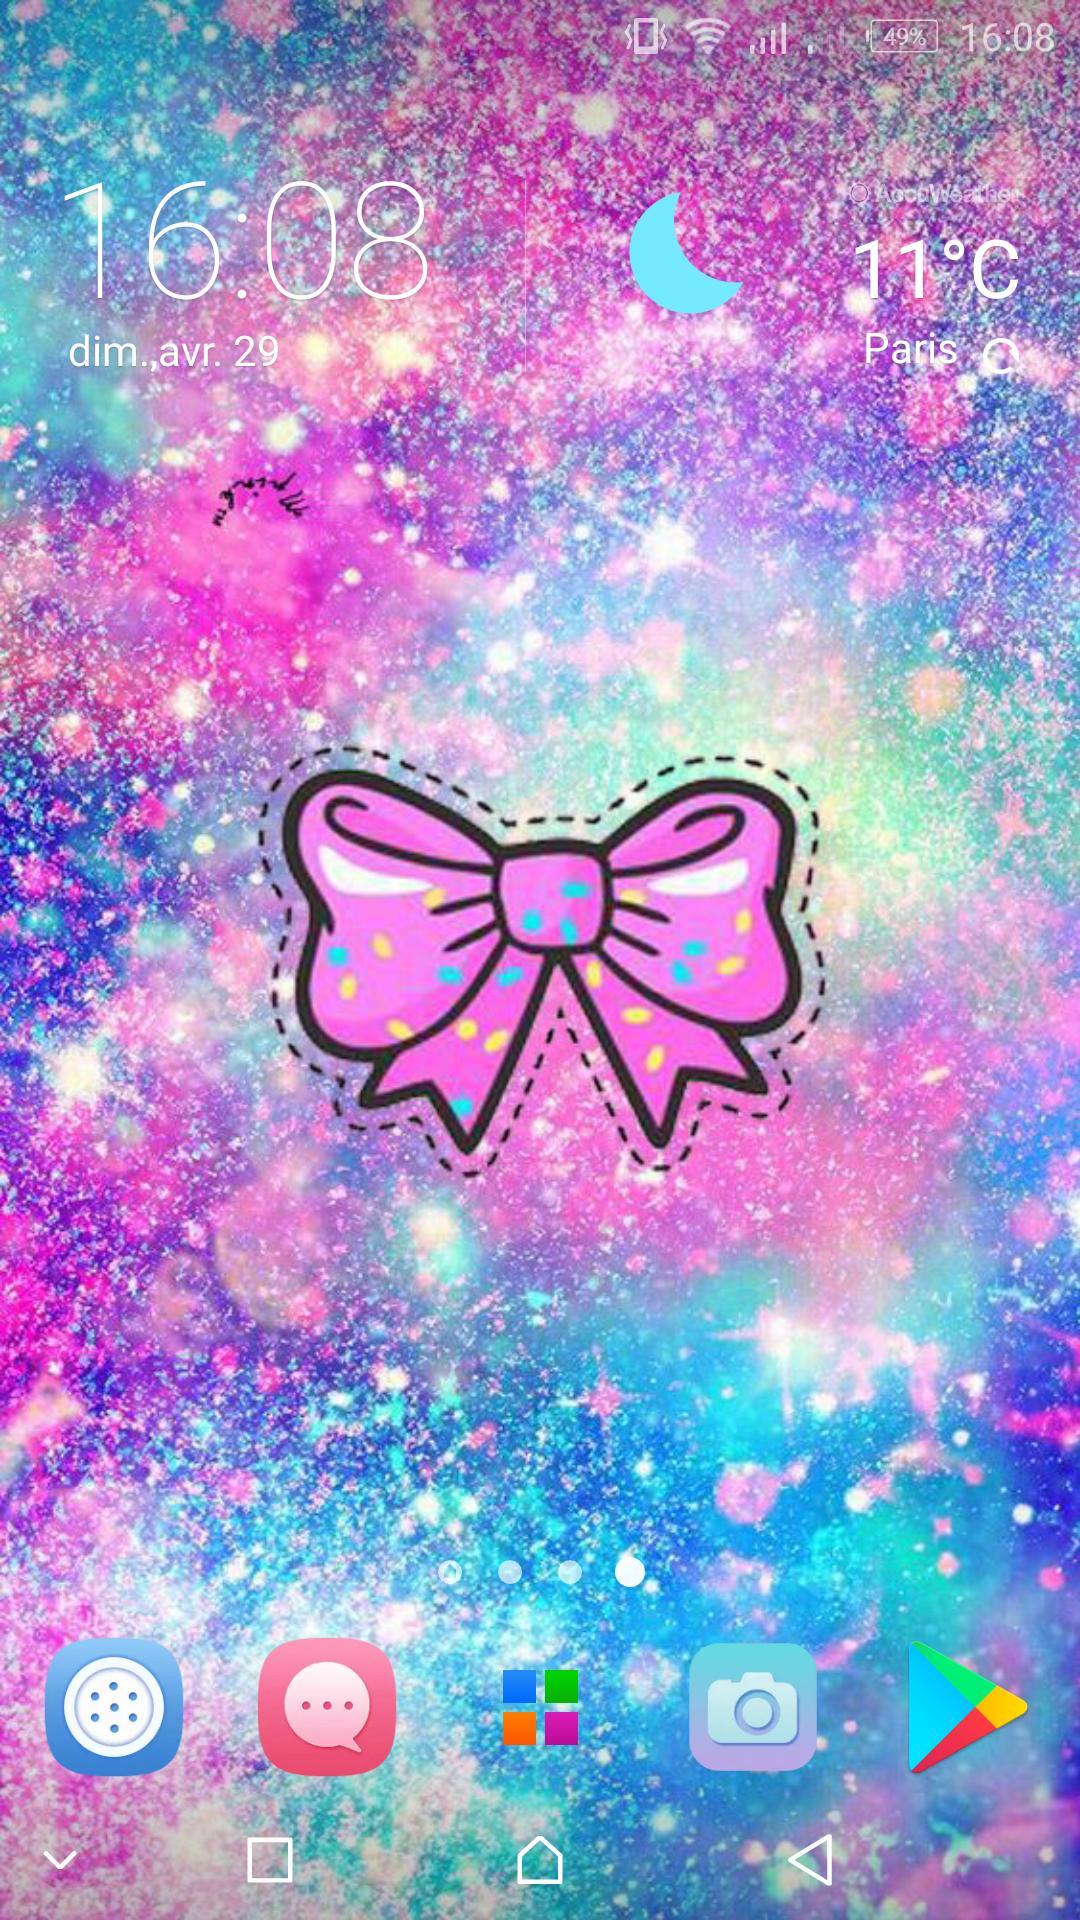 cute backgrounds kawaii wallpapers girly screen pantalla fondos fondo para lindos imagenes chicas bonitos